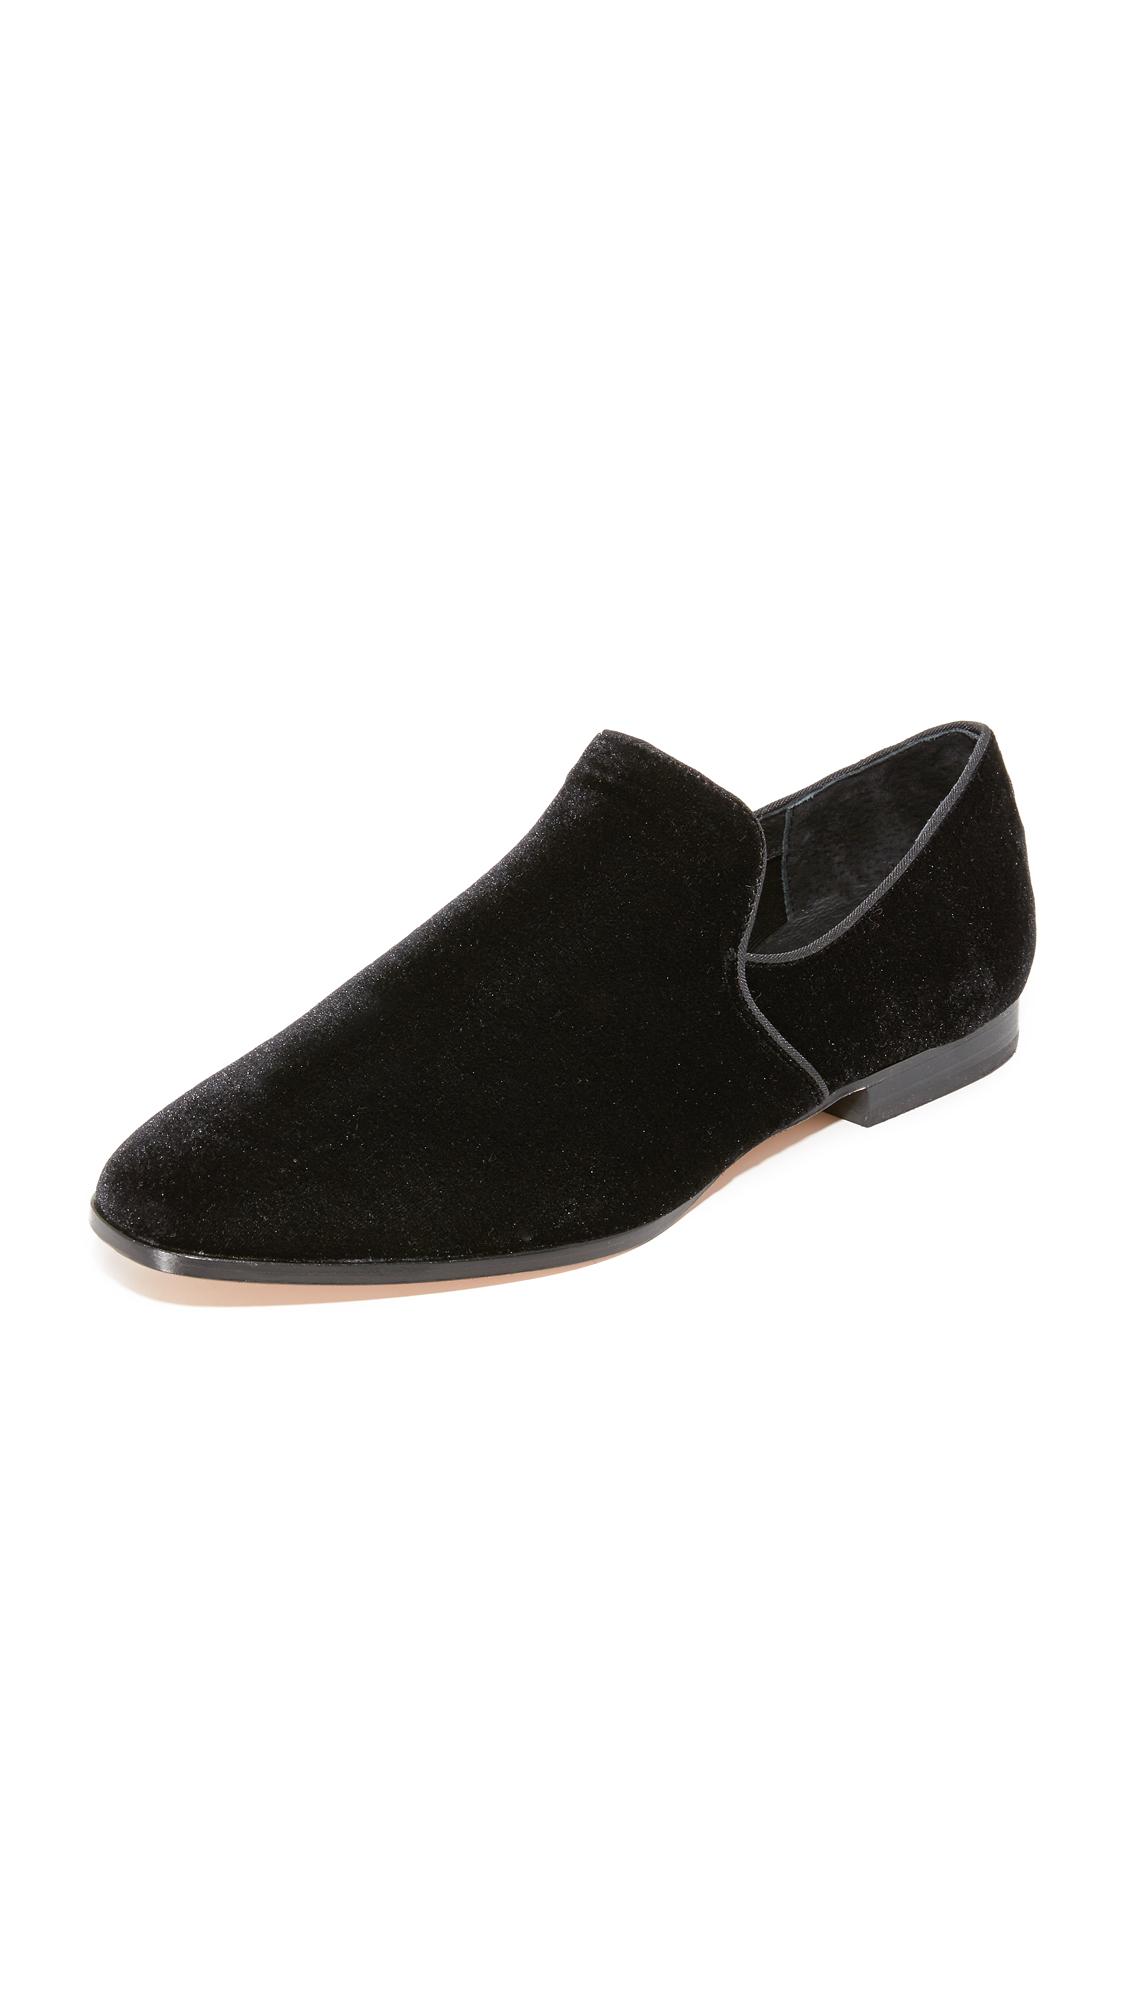 steven female steven adrianna velvet loafers black velvet